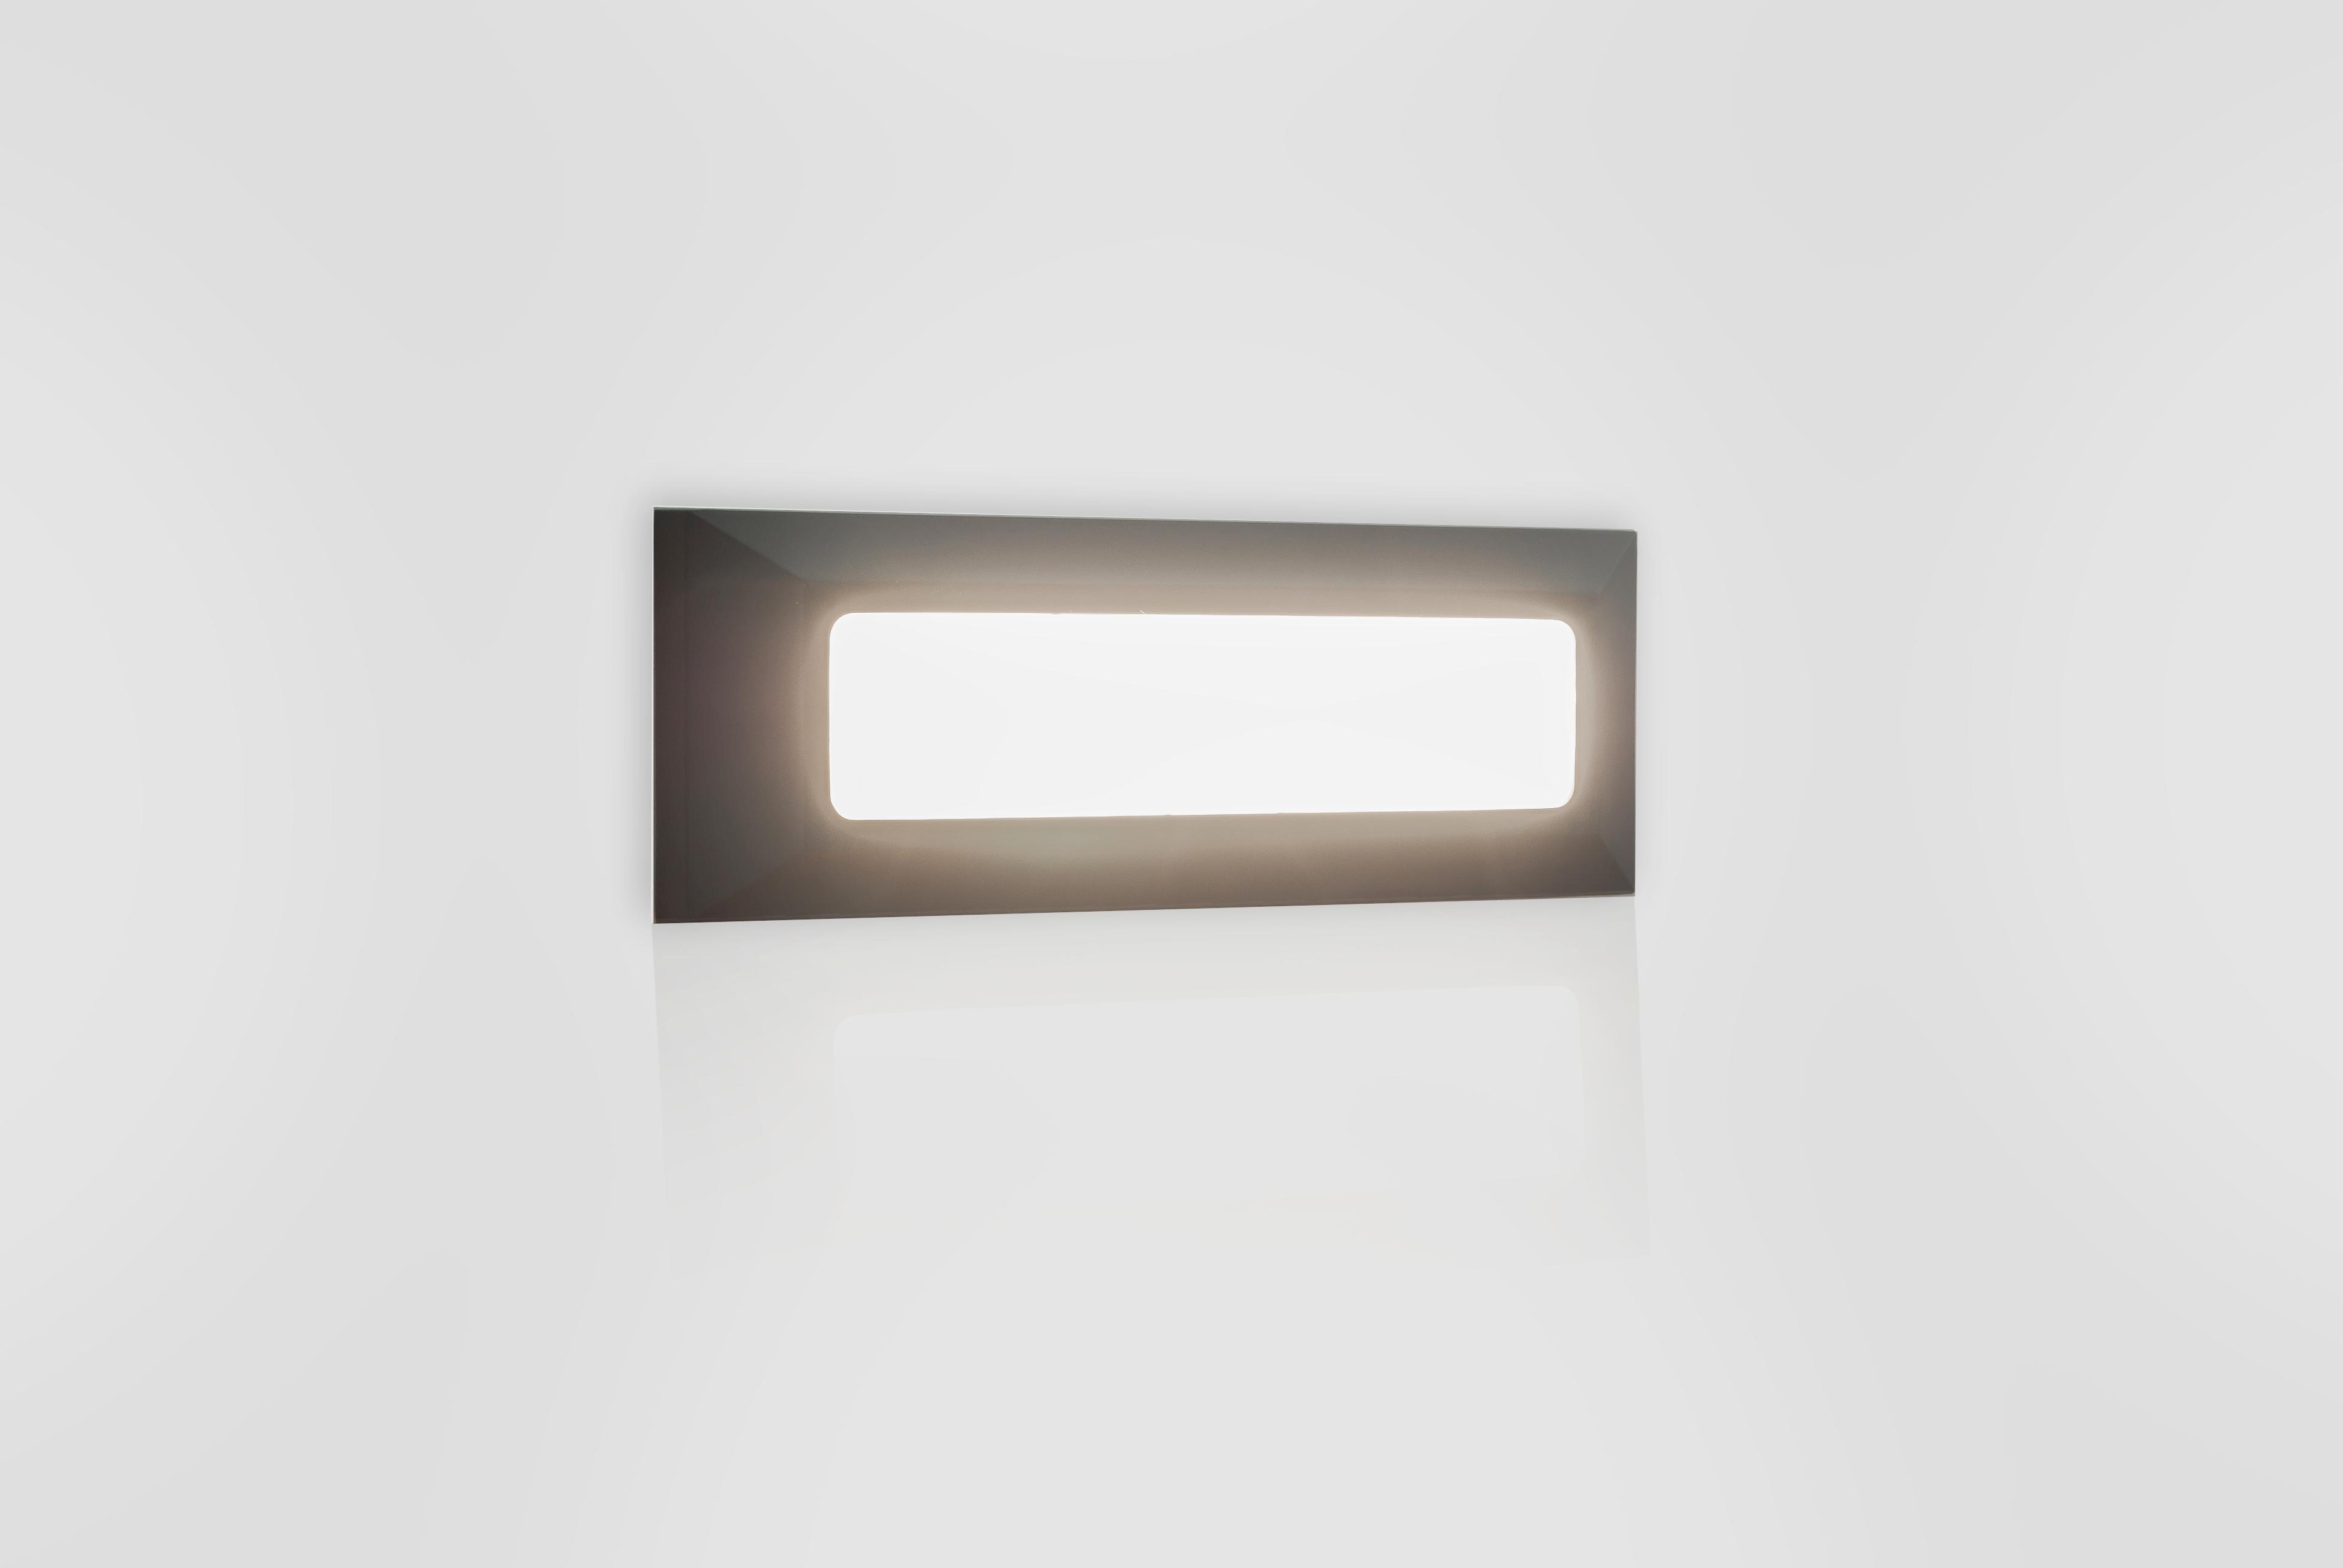 Plafoniera Muro Led : Segnaviale fissaggio a parete :: prova sito::: faretto lampada